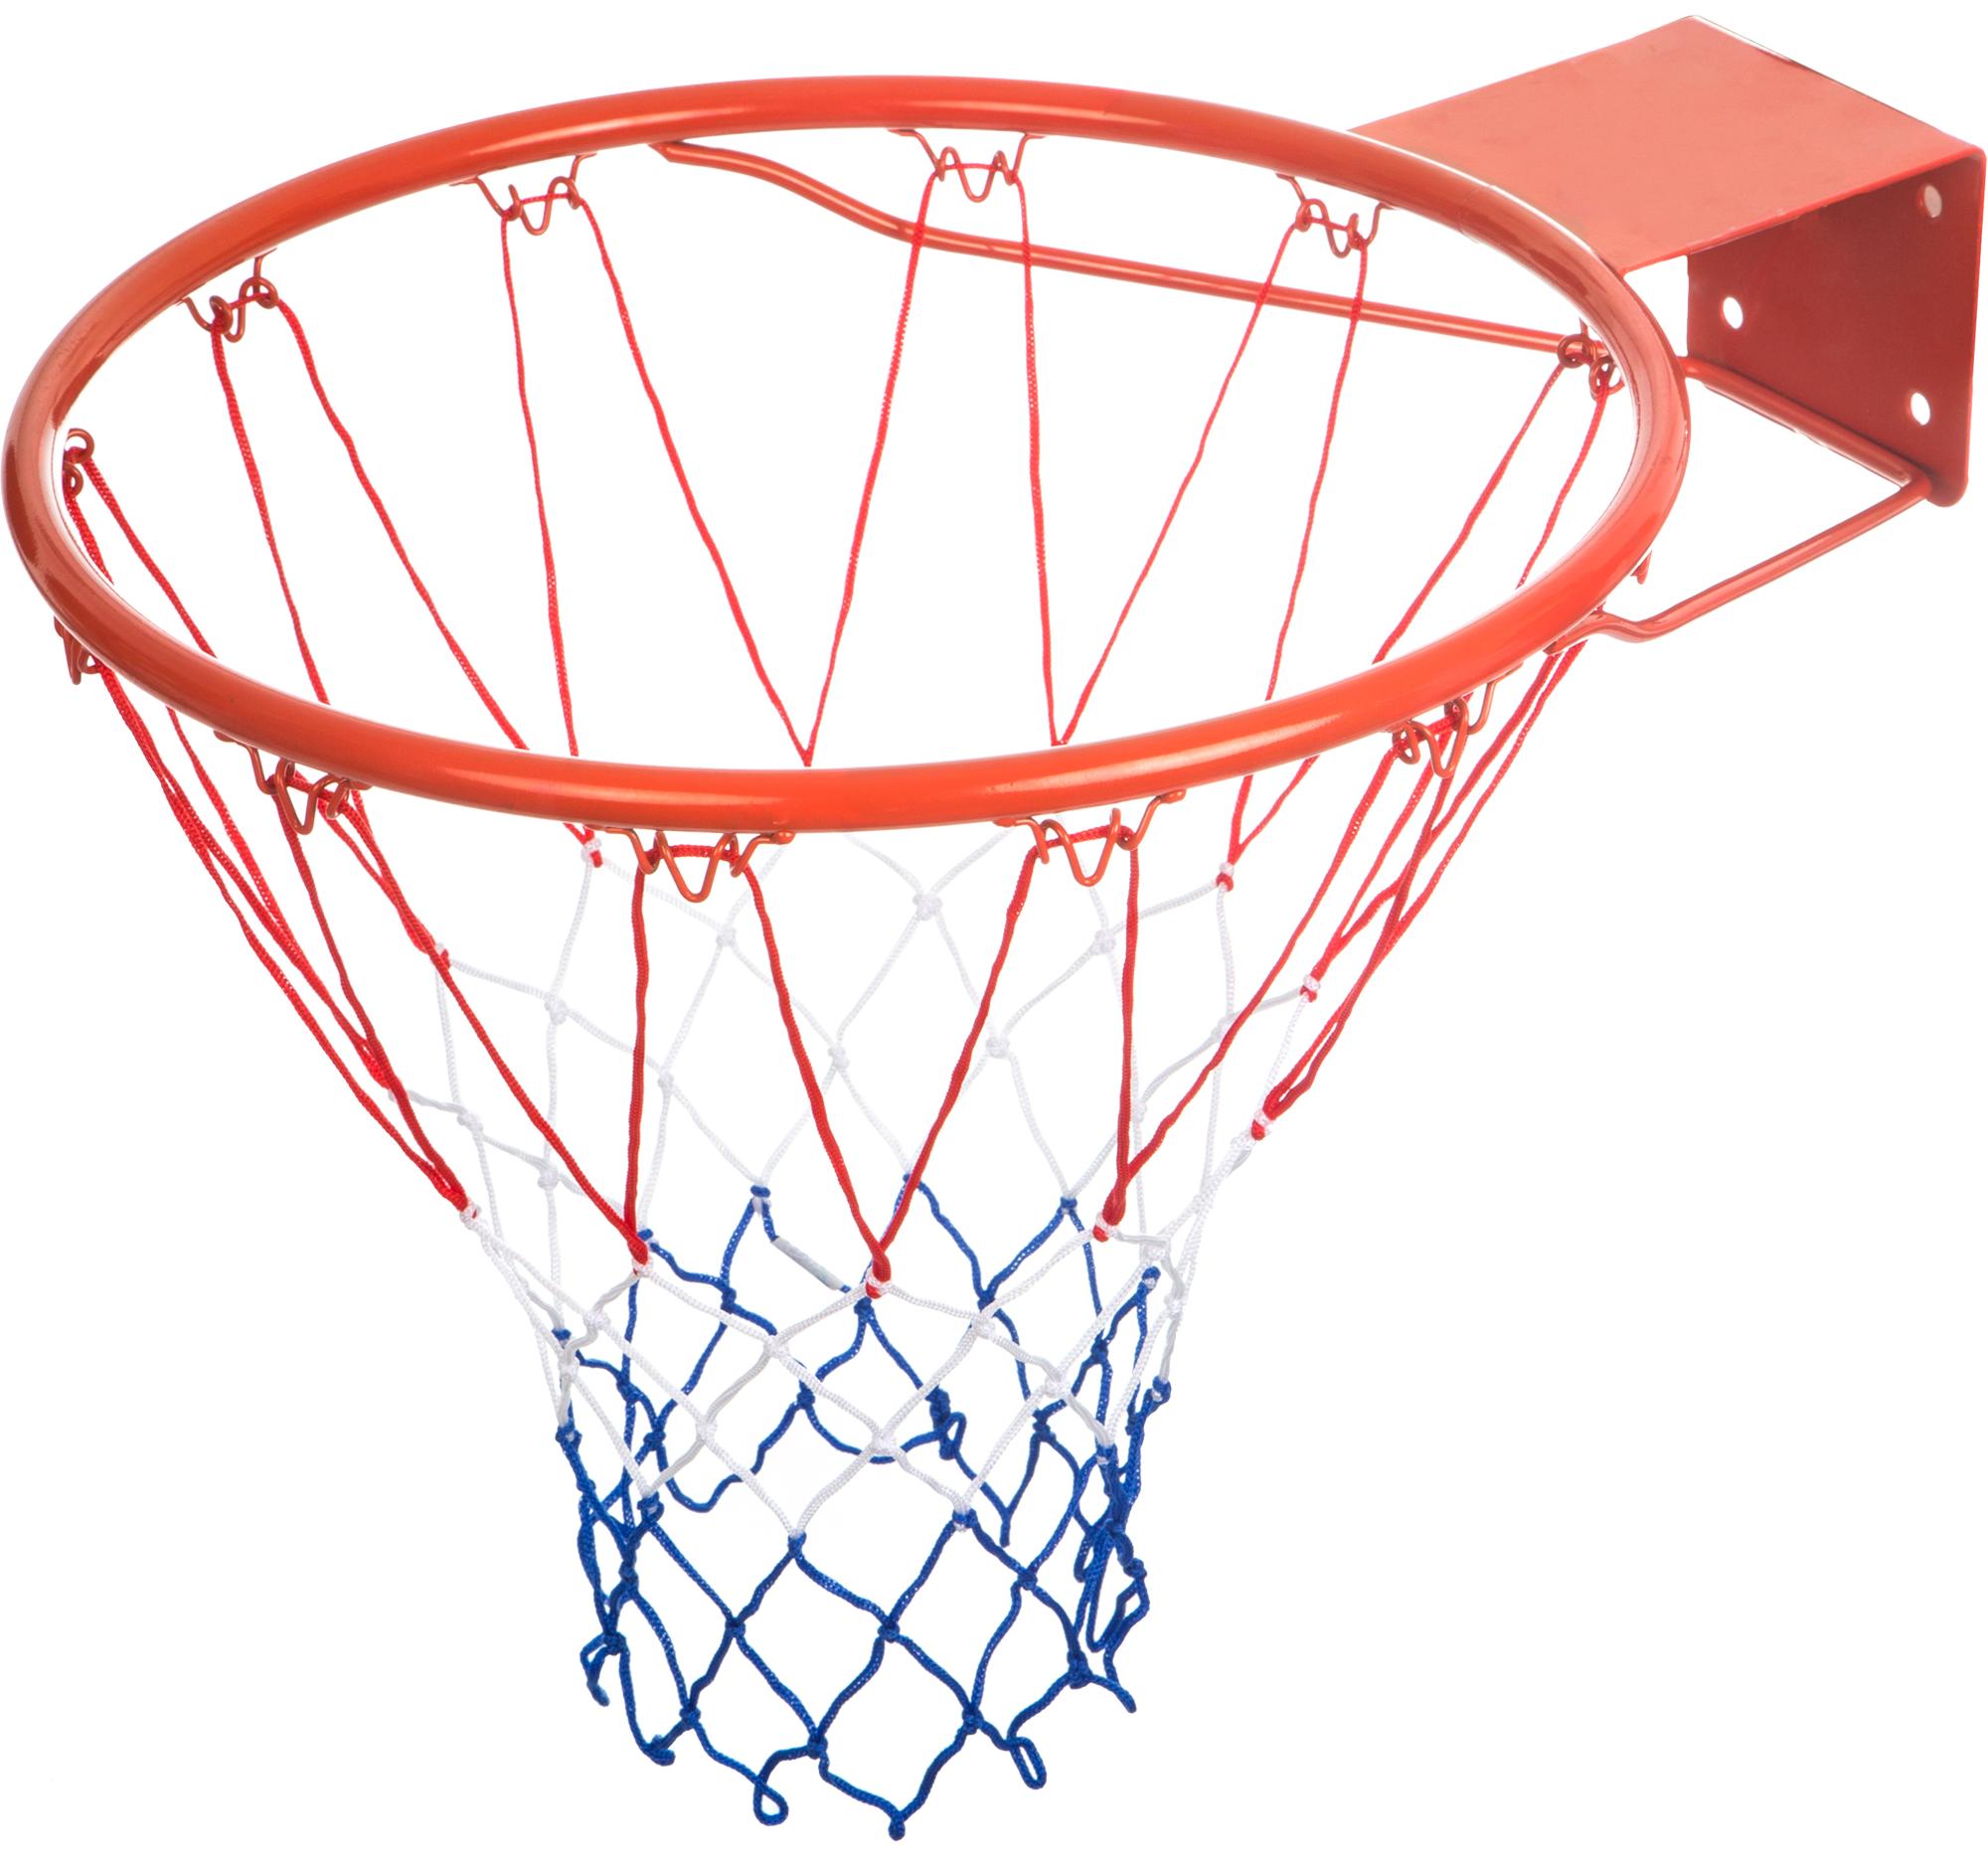 цена на Demix Кольцо баскетбольное Demix